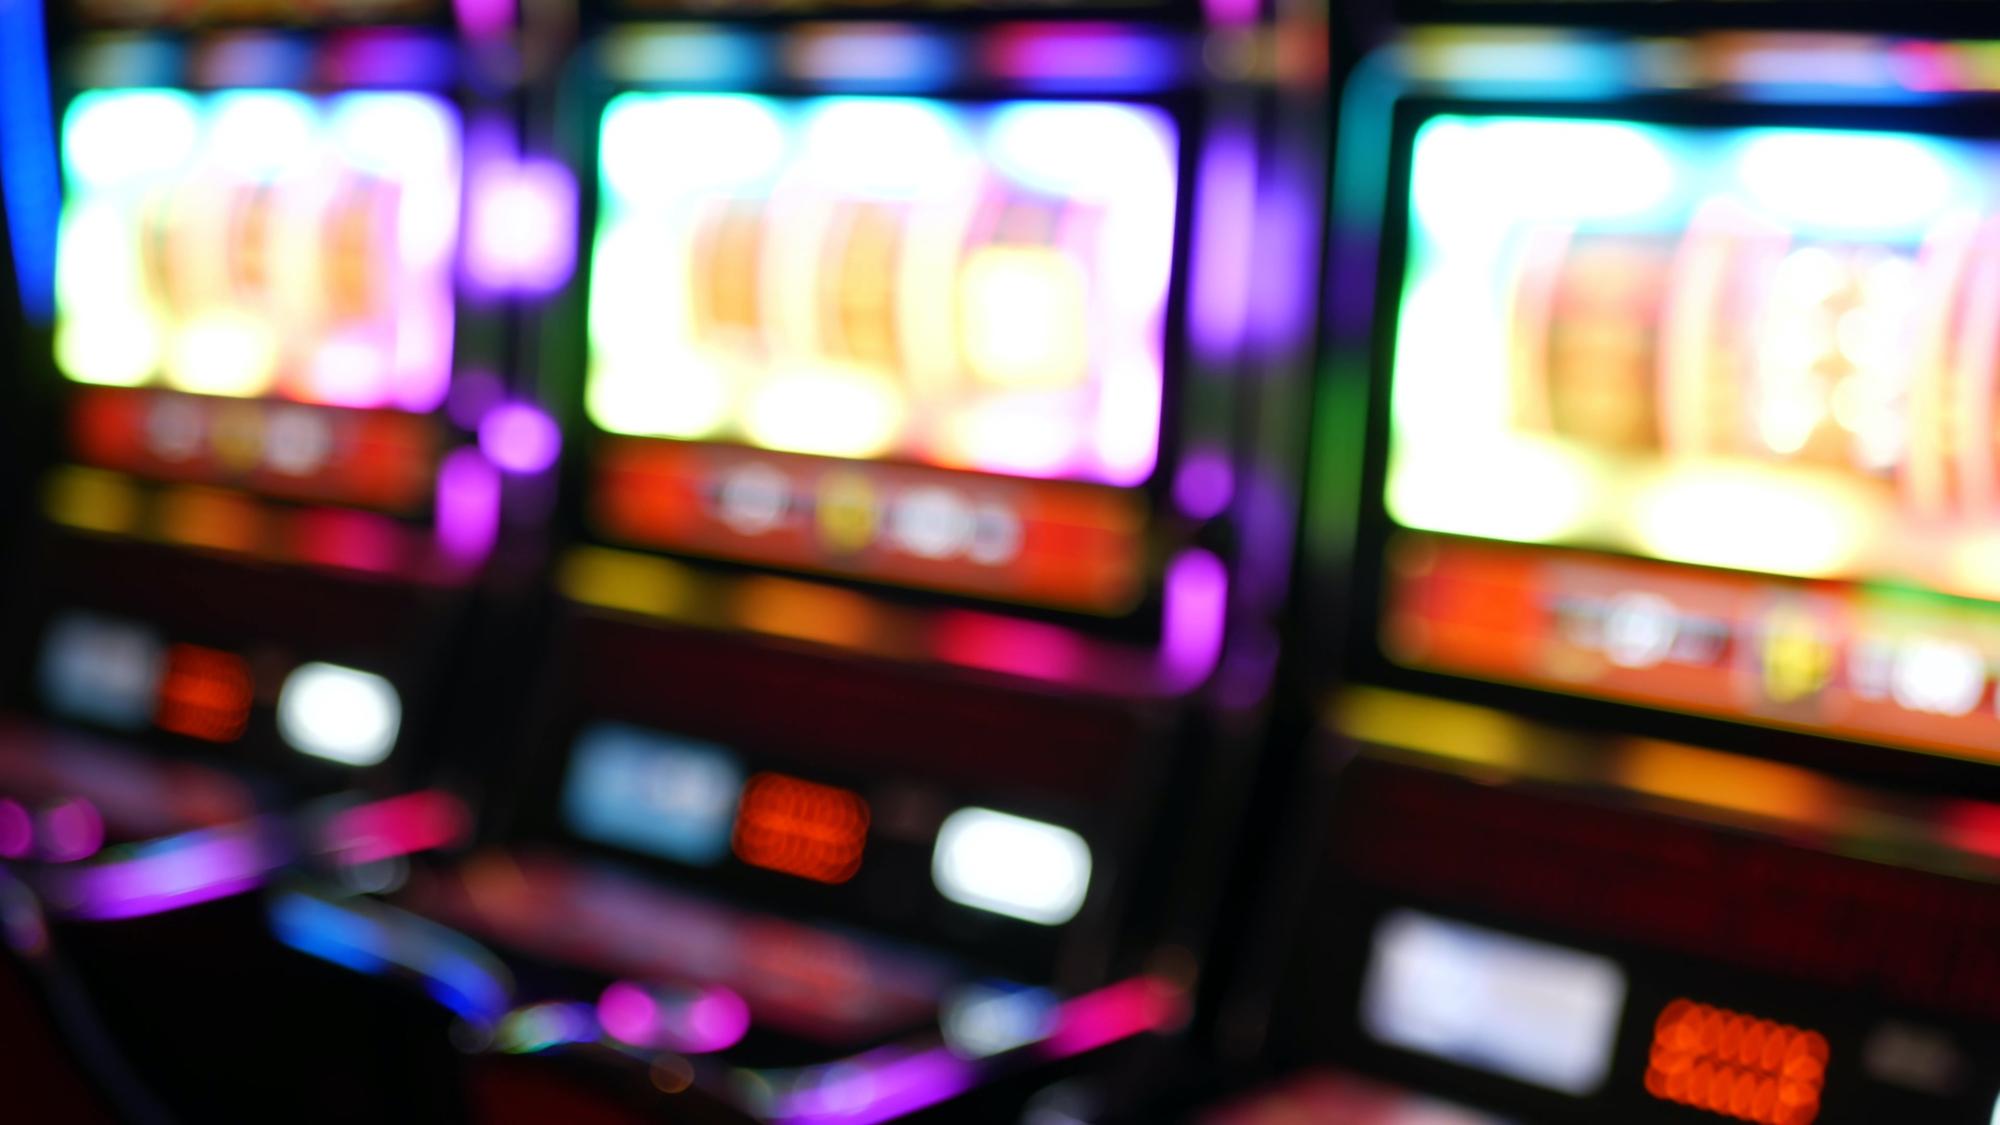 Macau gaming